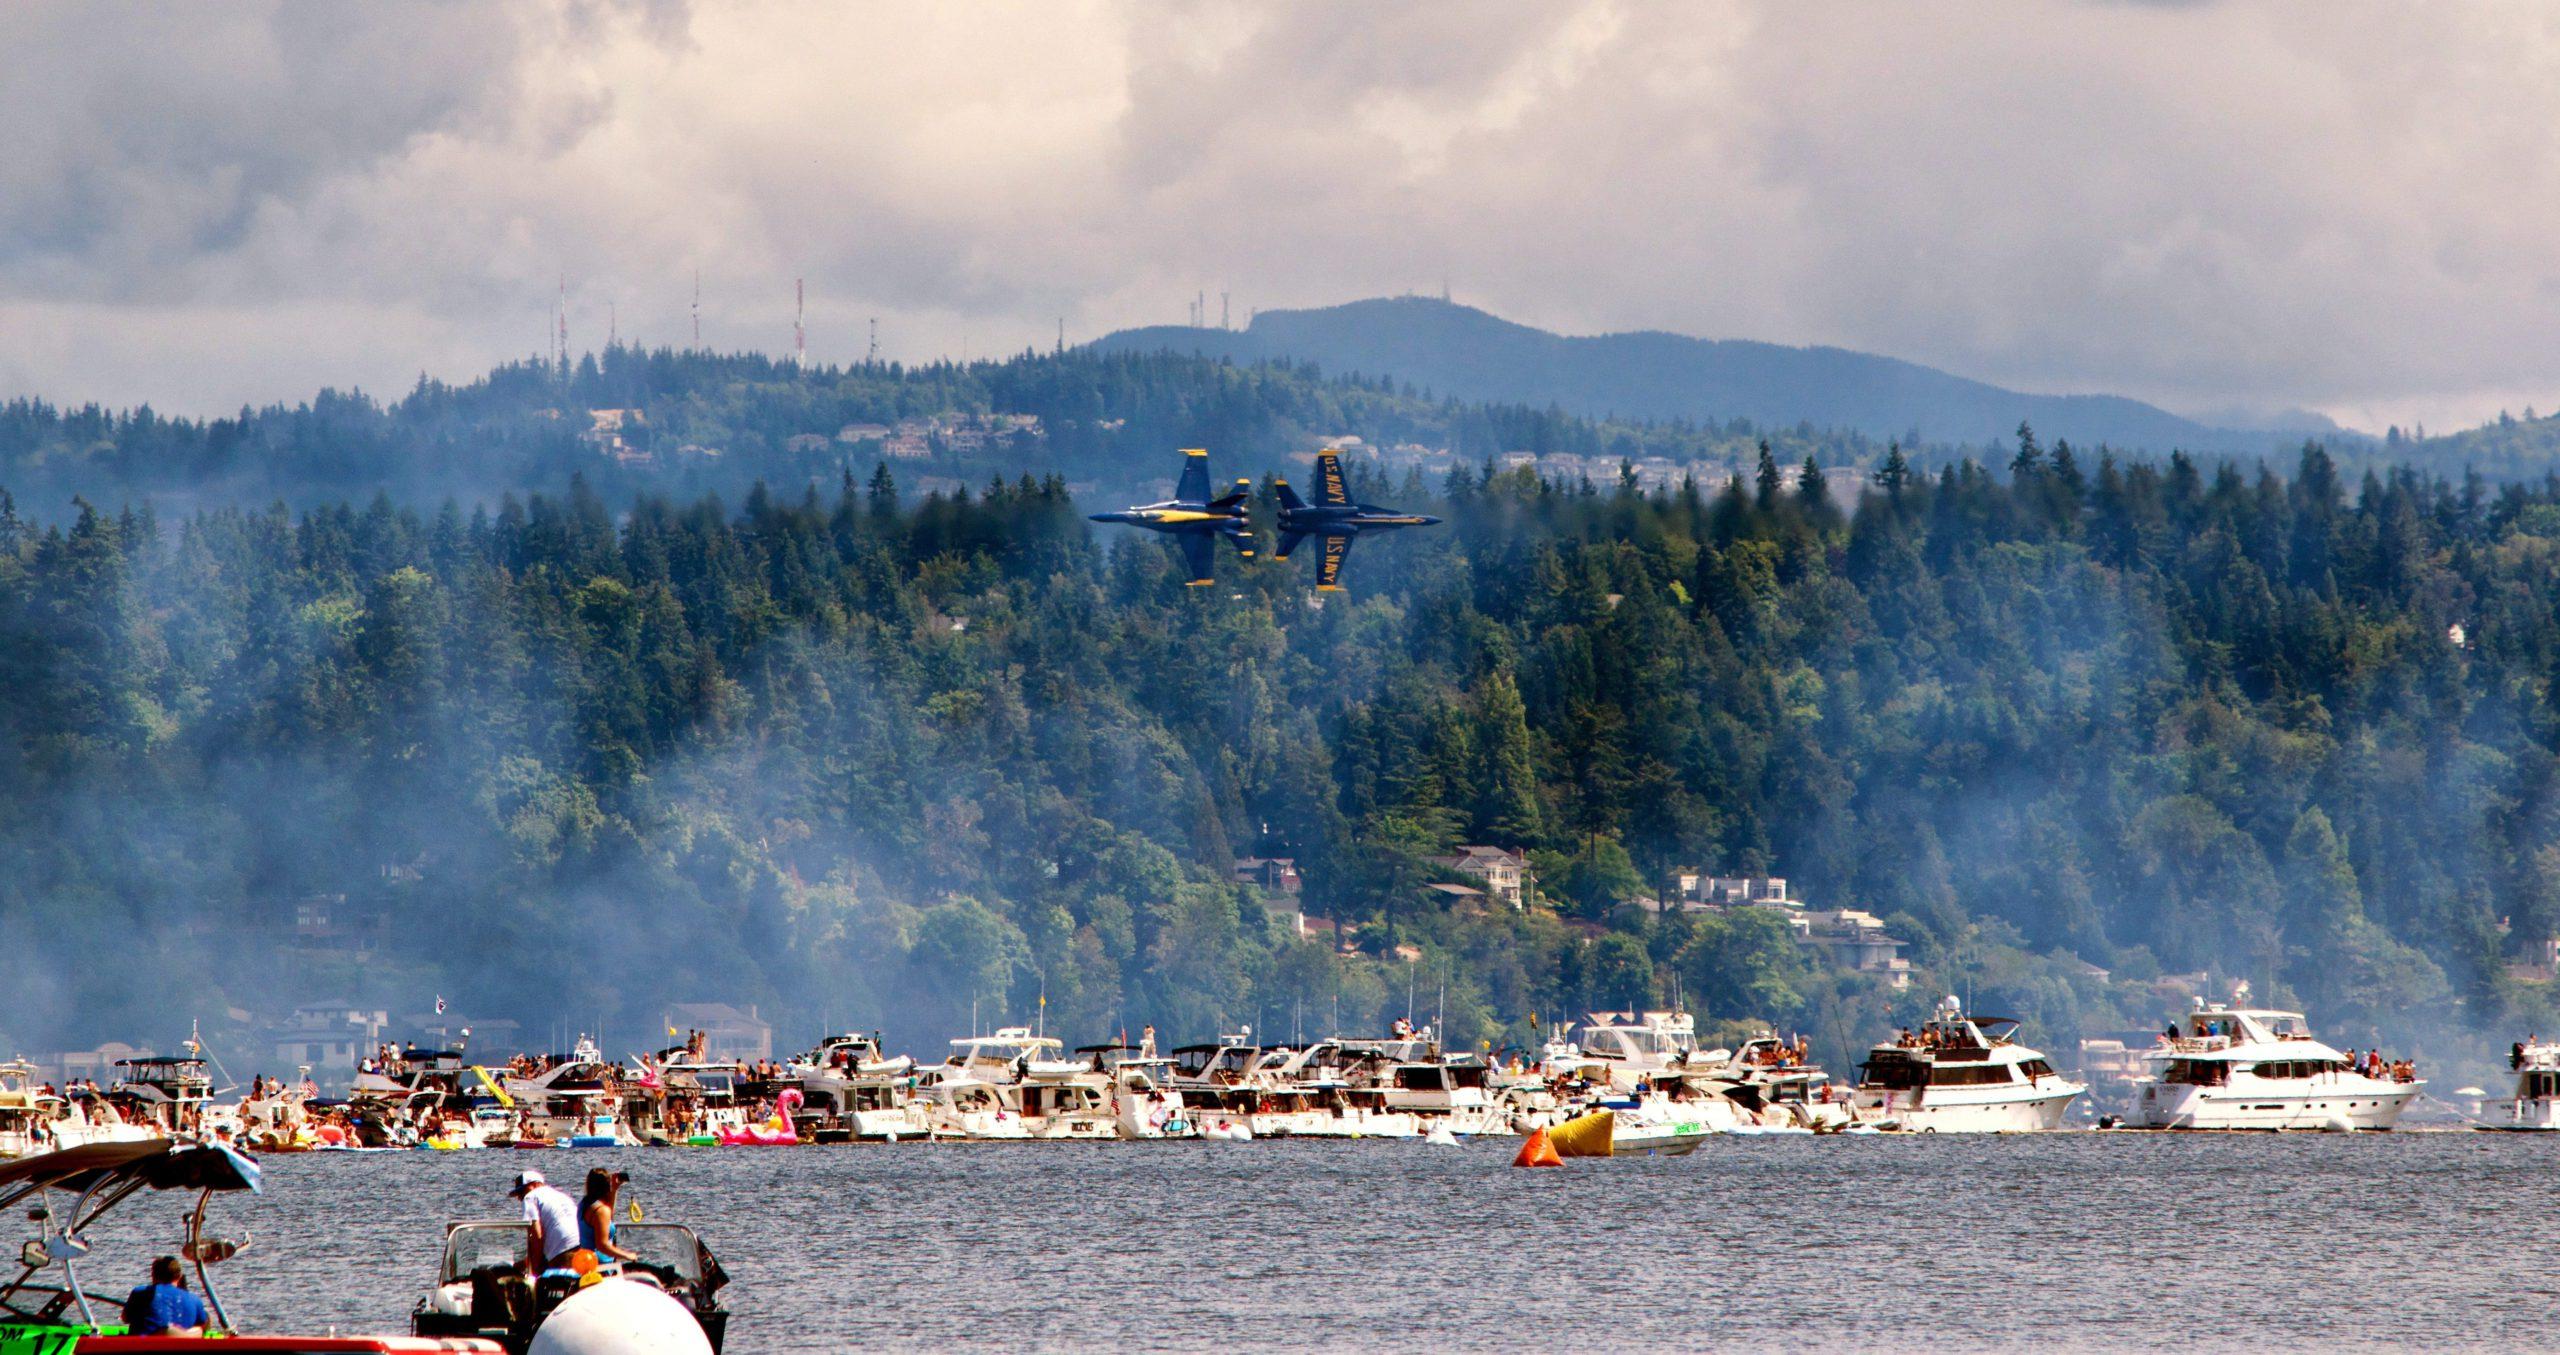 Lake Washington during an air show